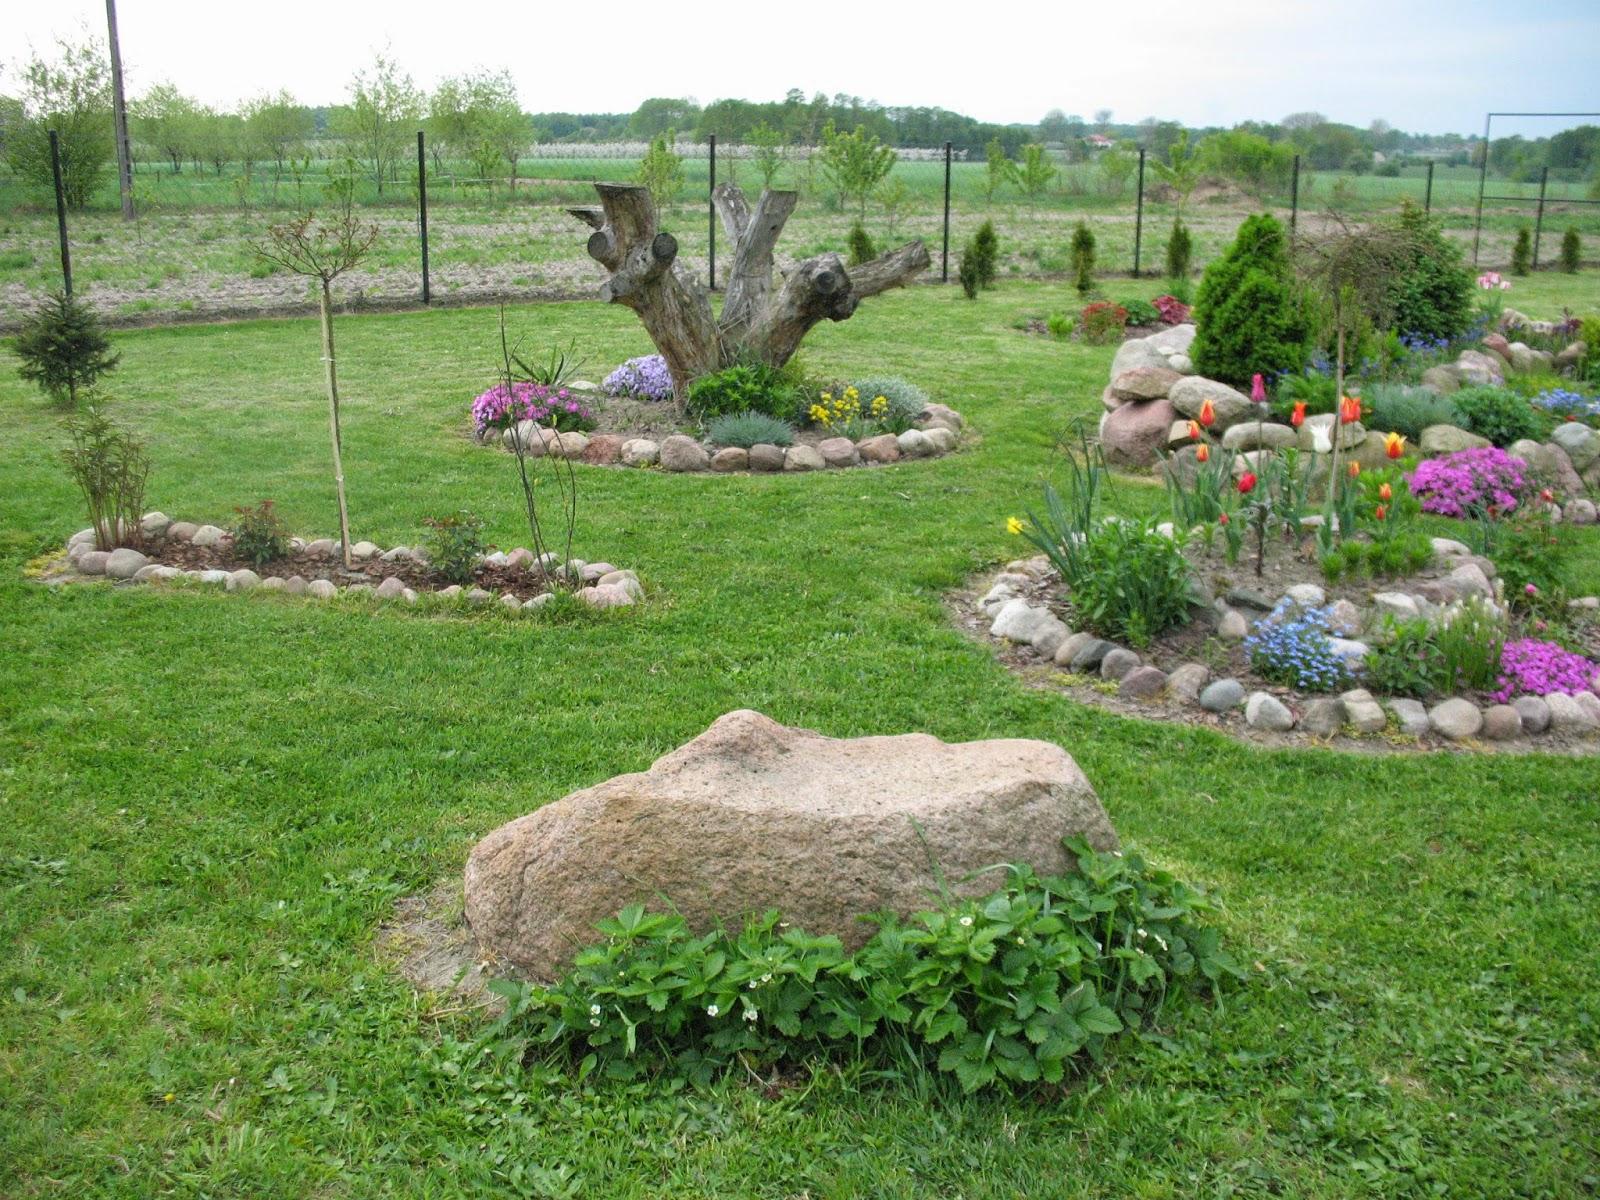 ogrody przydomowe skalniaki pictures - photo #5